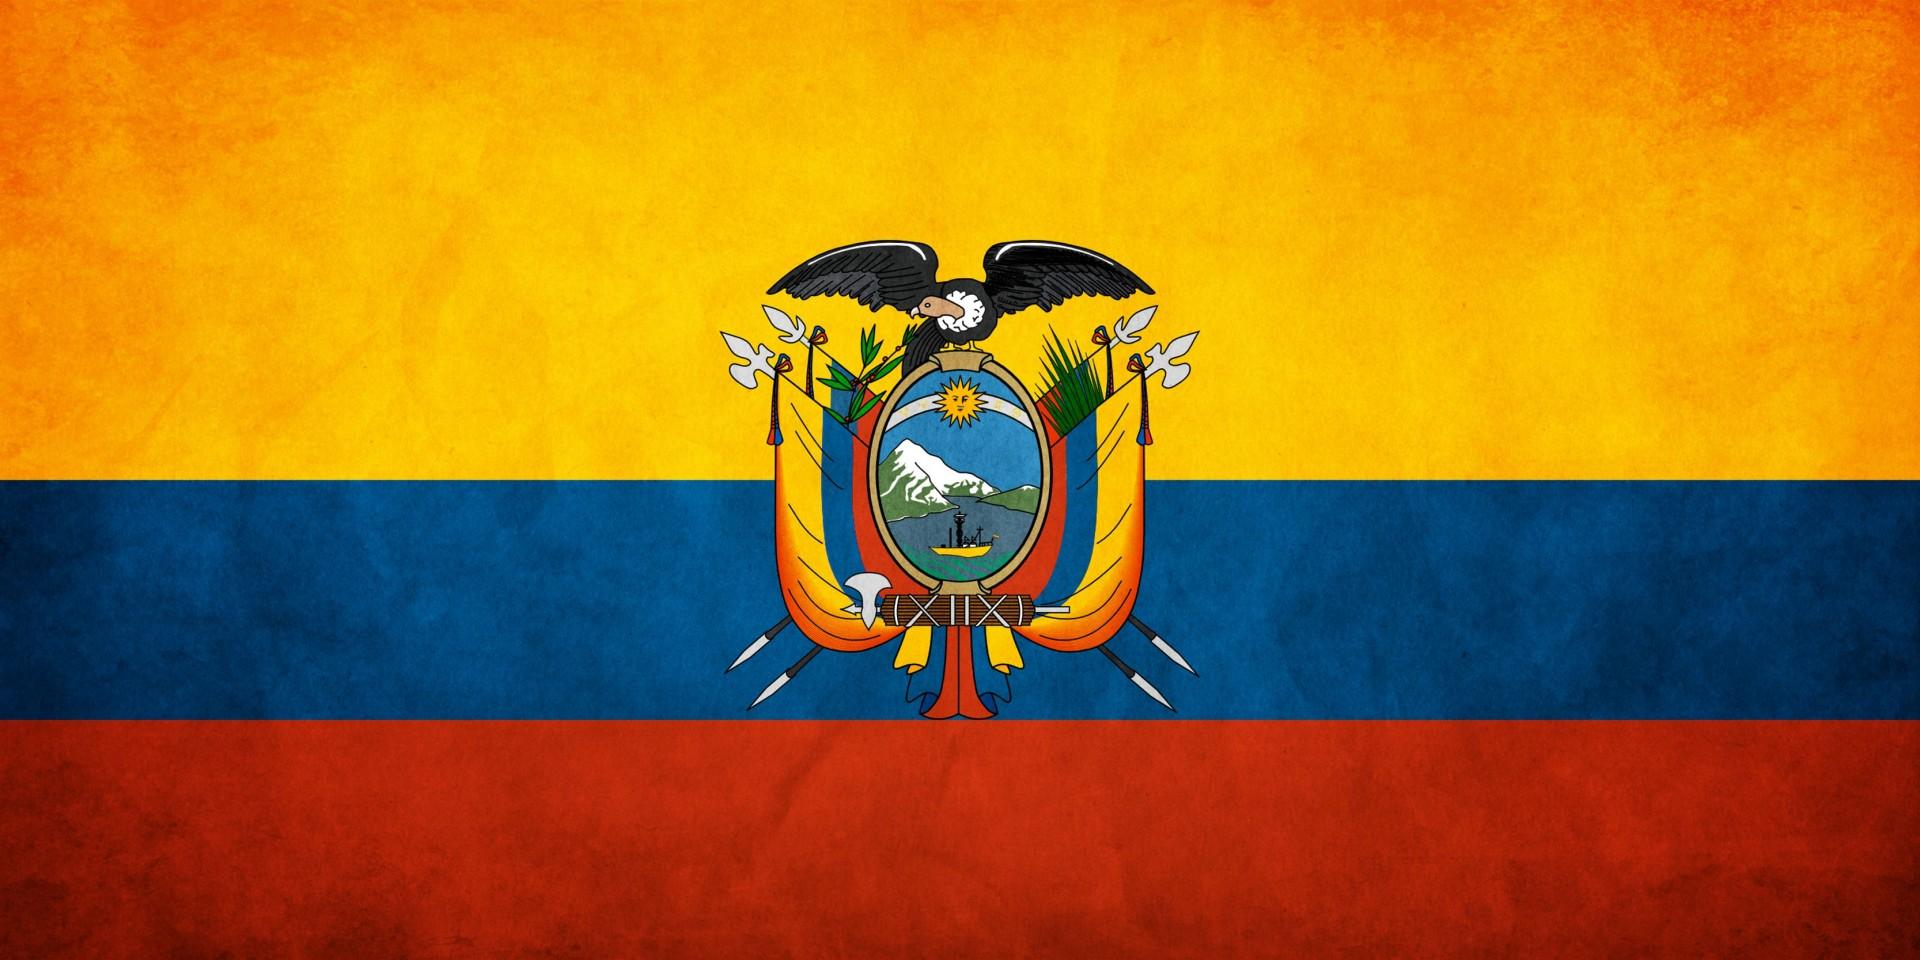 Hd Ecuador Flag Wallpaper Hd Wallpapers